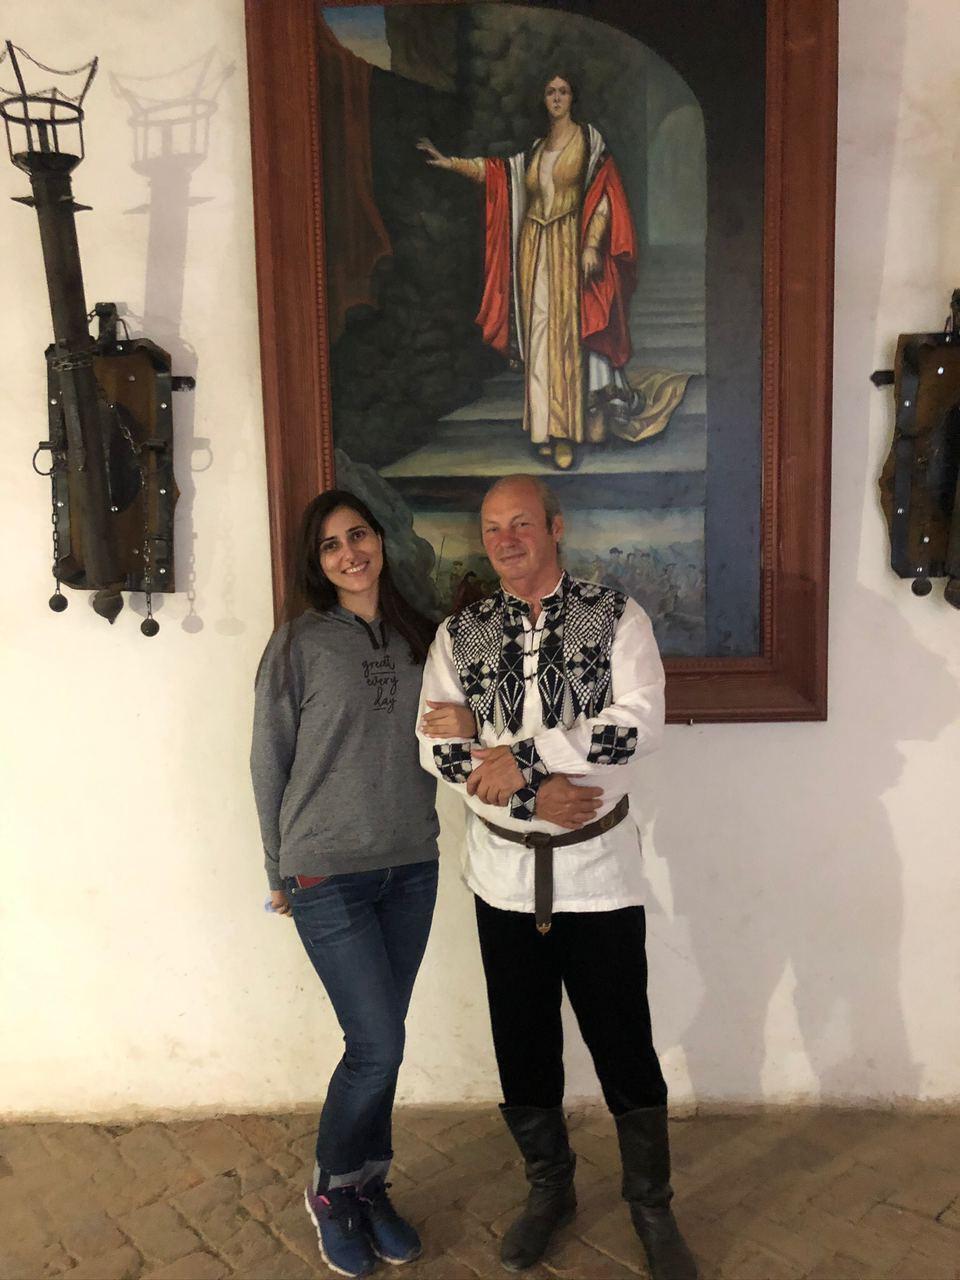 Замок Сент-Миклош: поможем украинским художникам спасти символ любви на Закарпатье!